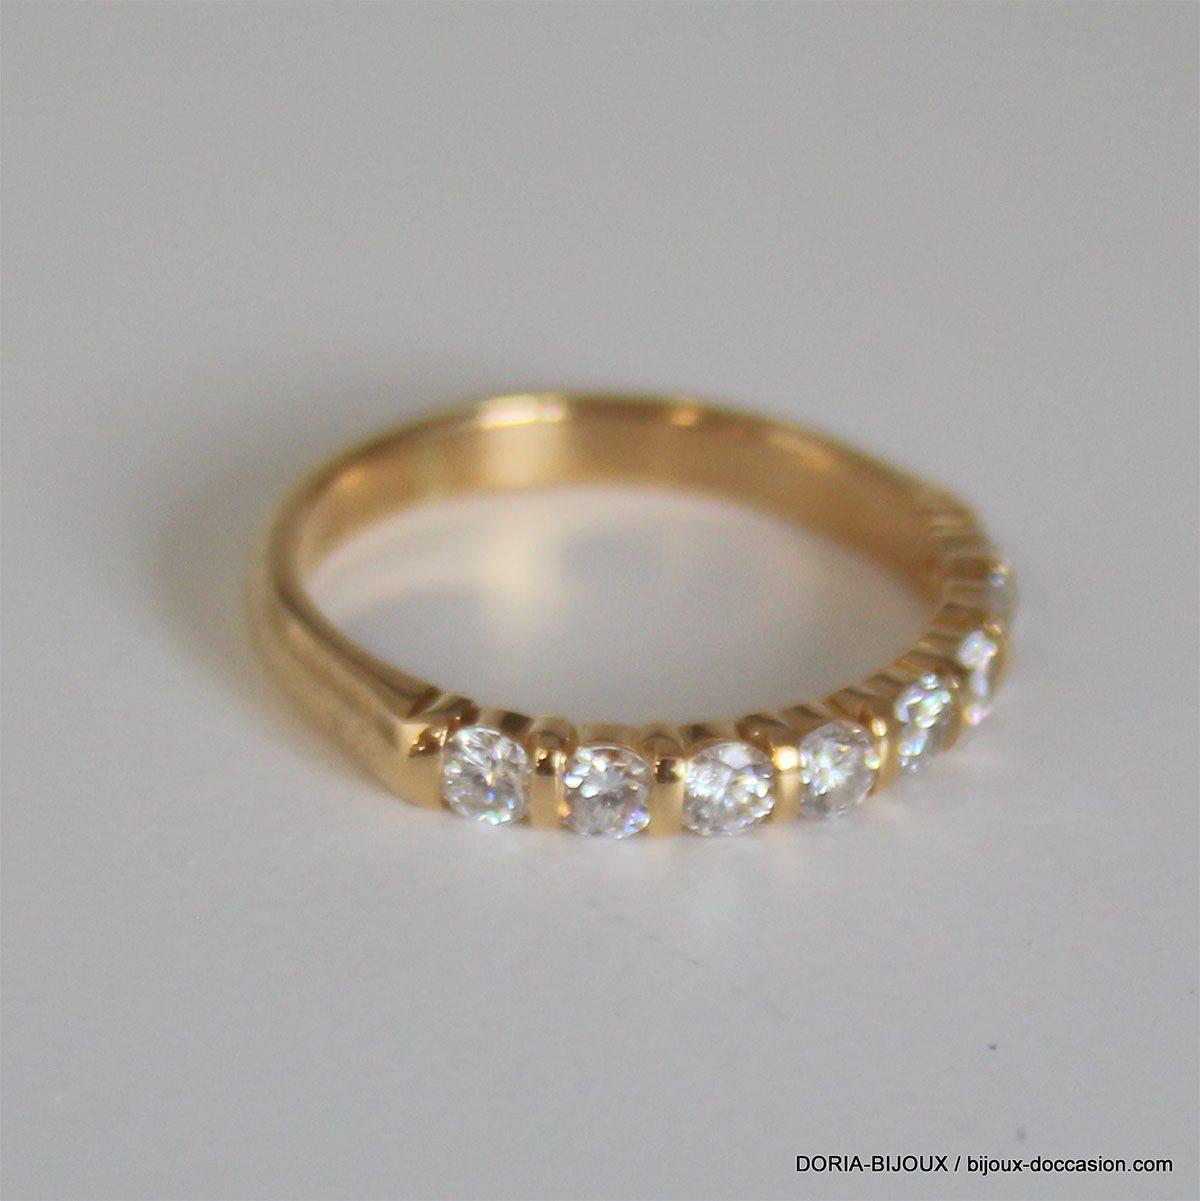 Bague Or 18k 750 Demi Tour Diamants - 2.60grs- 52